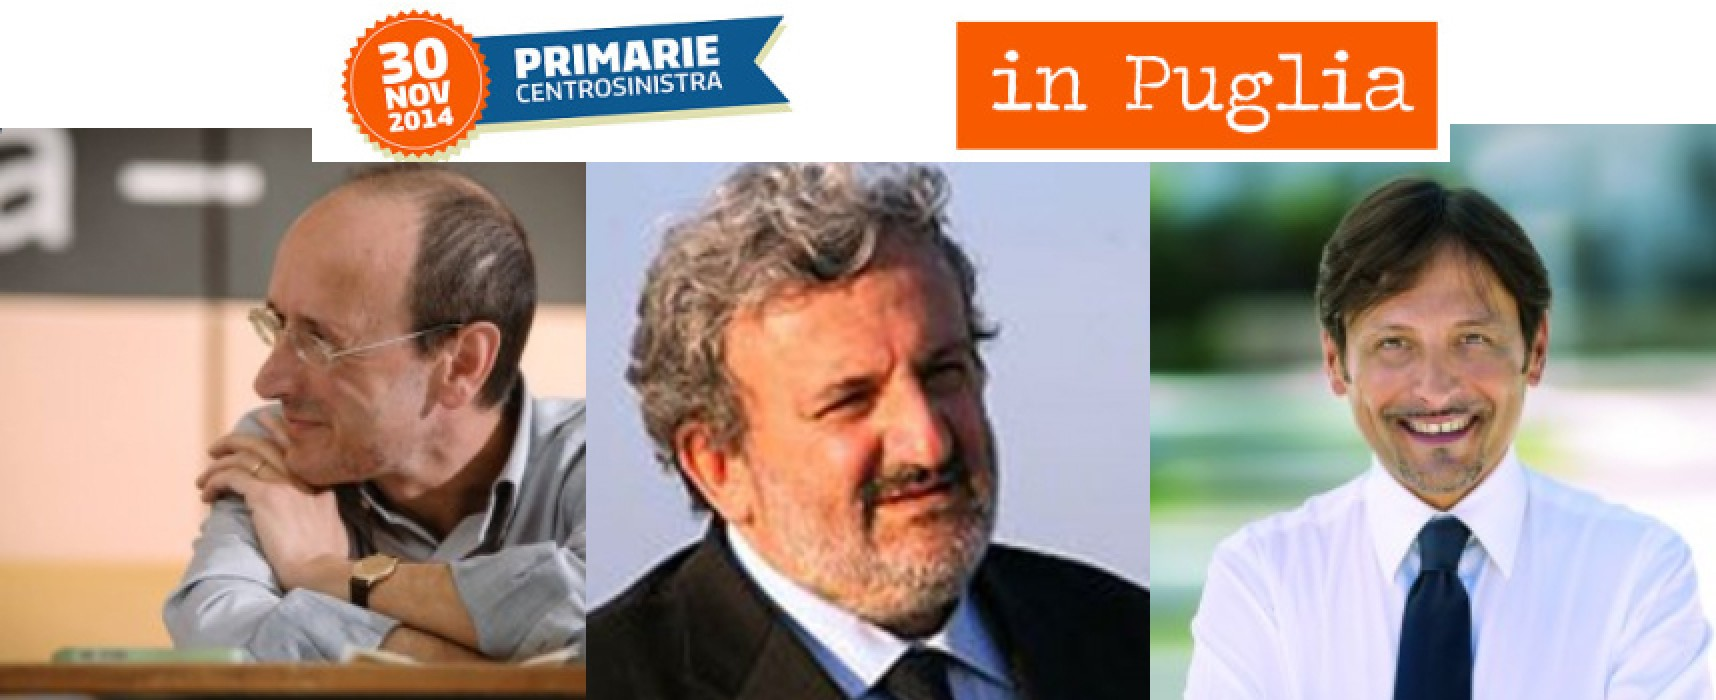 Oggi le primarie del centrosinistra, a Bisceglie seggio all'auditorium Santa Croce: come si vota